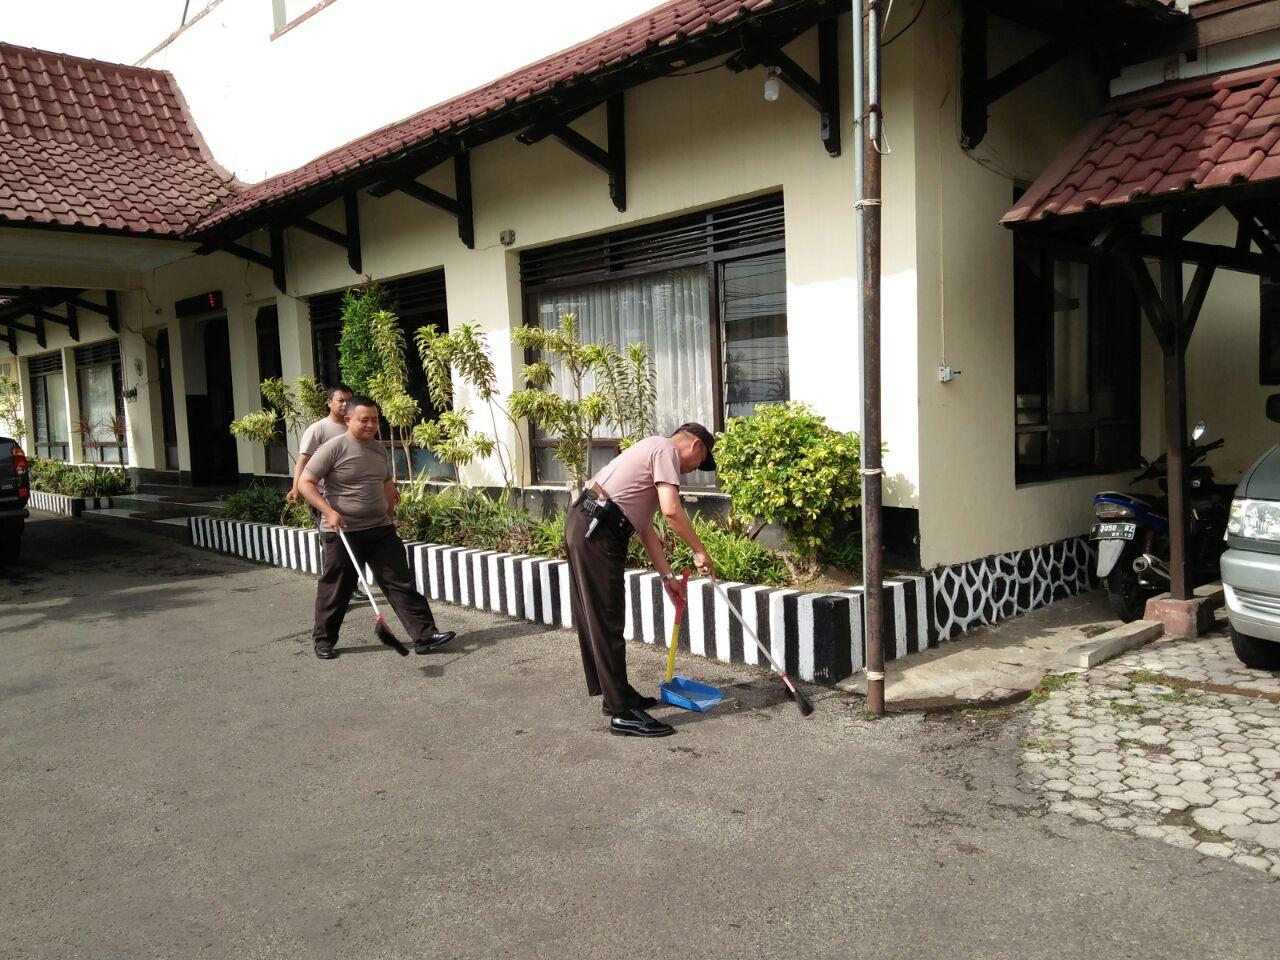 Sikap Disiplin Anggota Polsek Batu Polres Batu Mengawali Tugas Dengan Laksanakan Giat Bersih Bersih Mako Polsek Batu